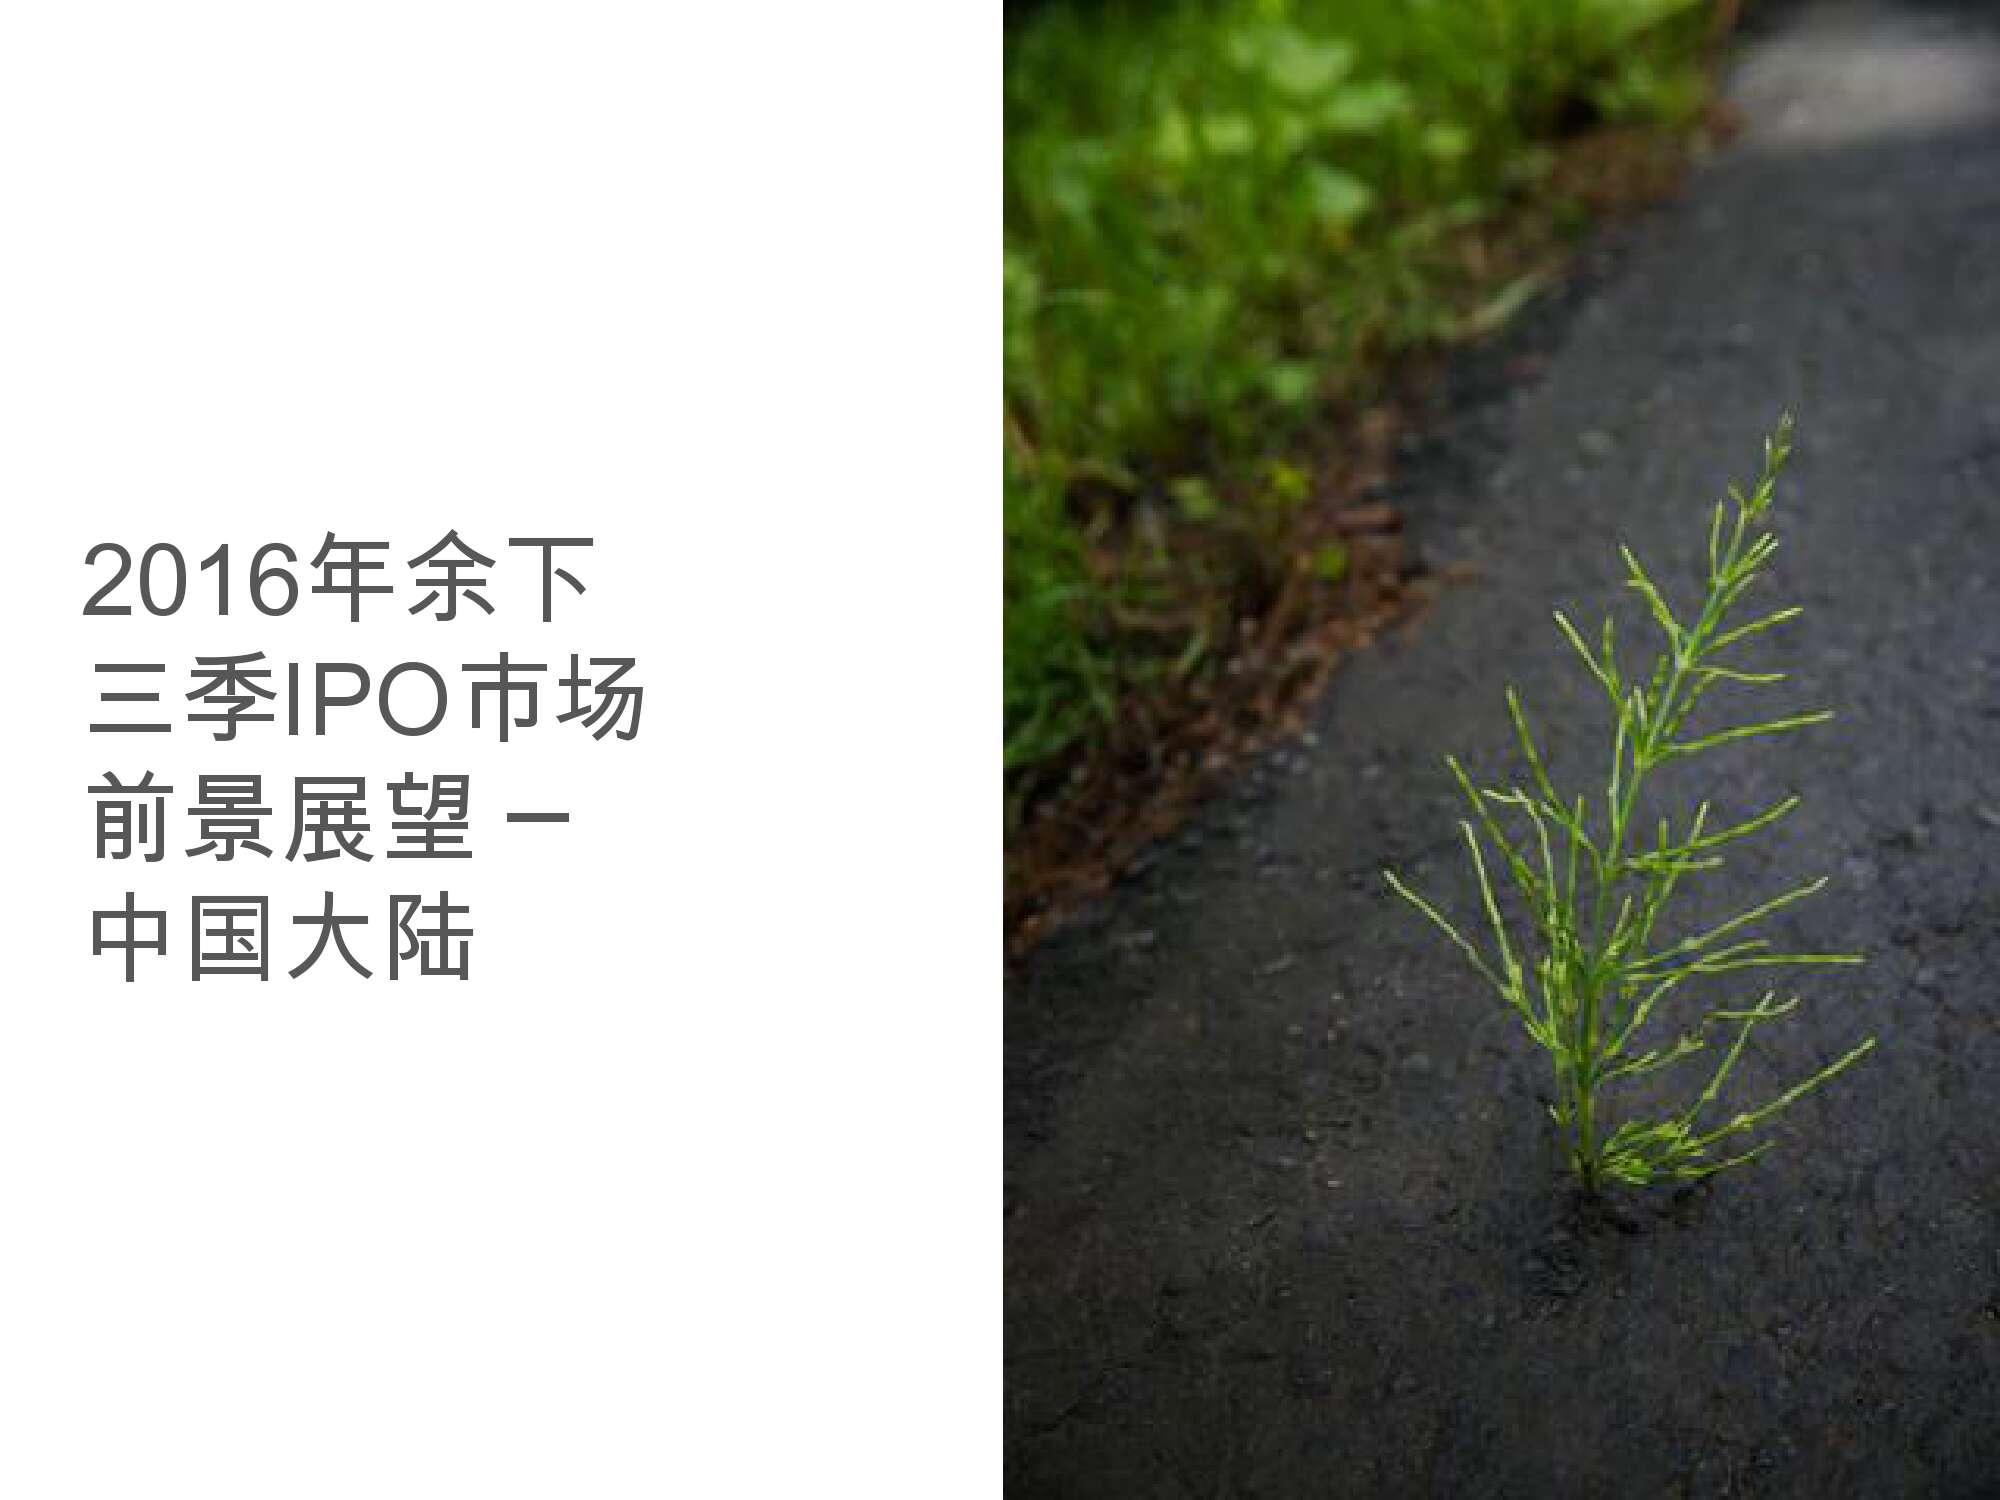 香港及中国大陆IPO市场2016年1季度_000034